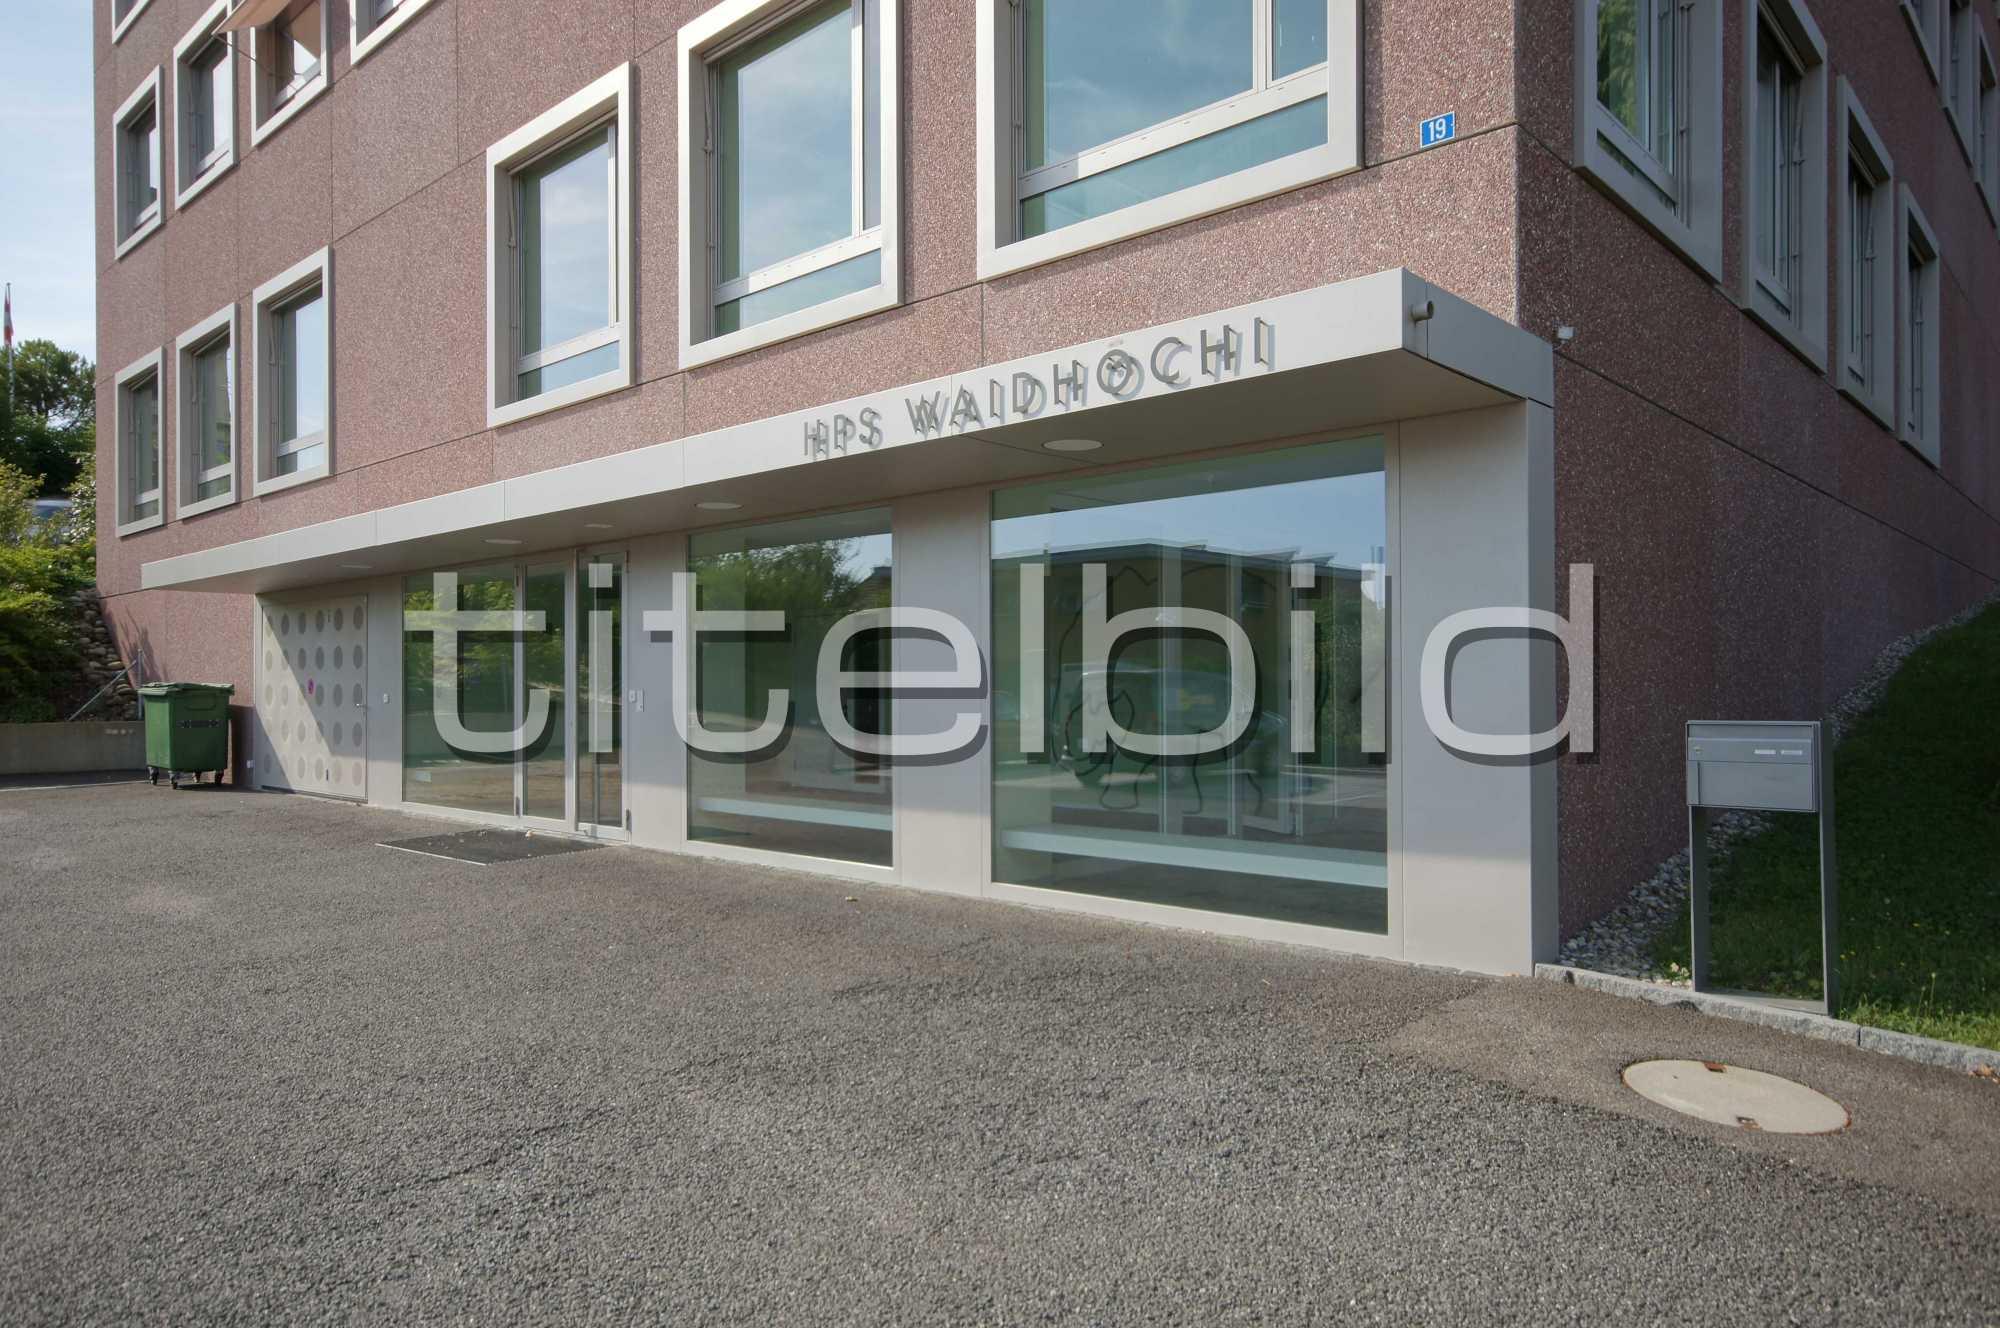 Projektbild-Nr. 4: Heilpädagogische Schule Waidhöchi